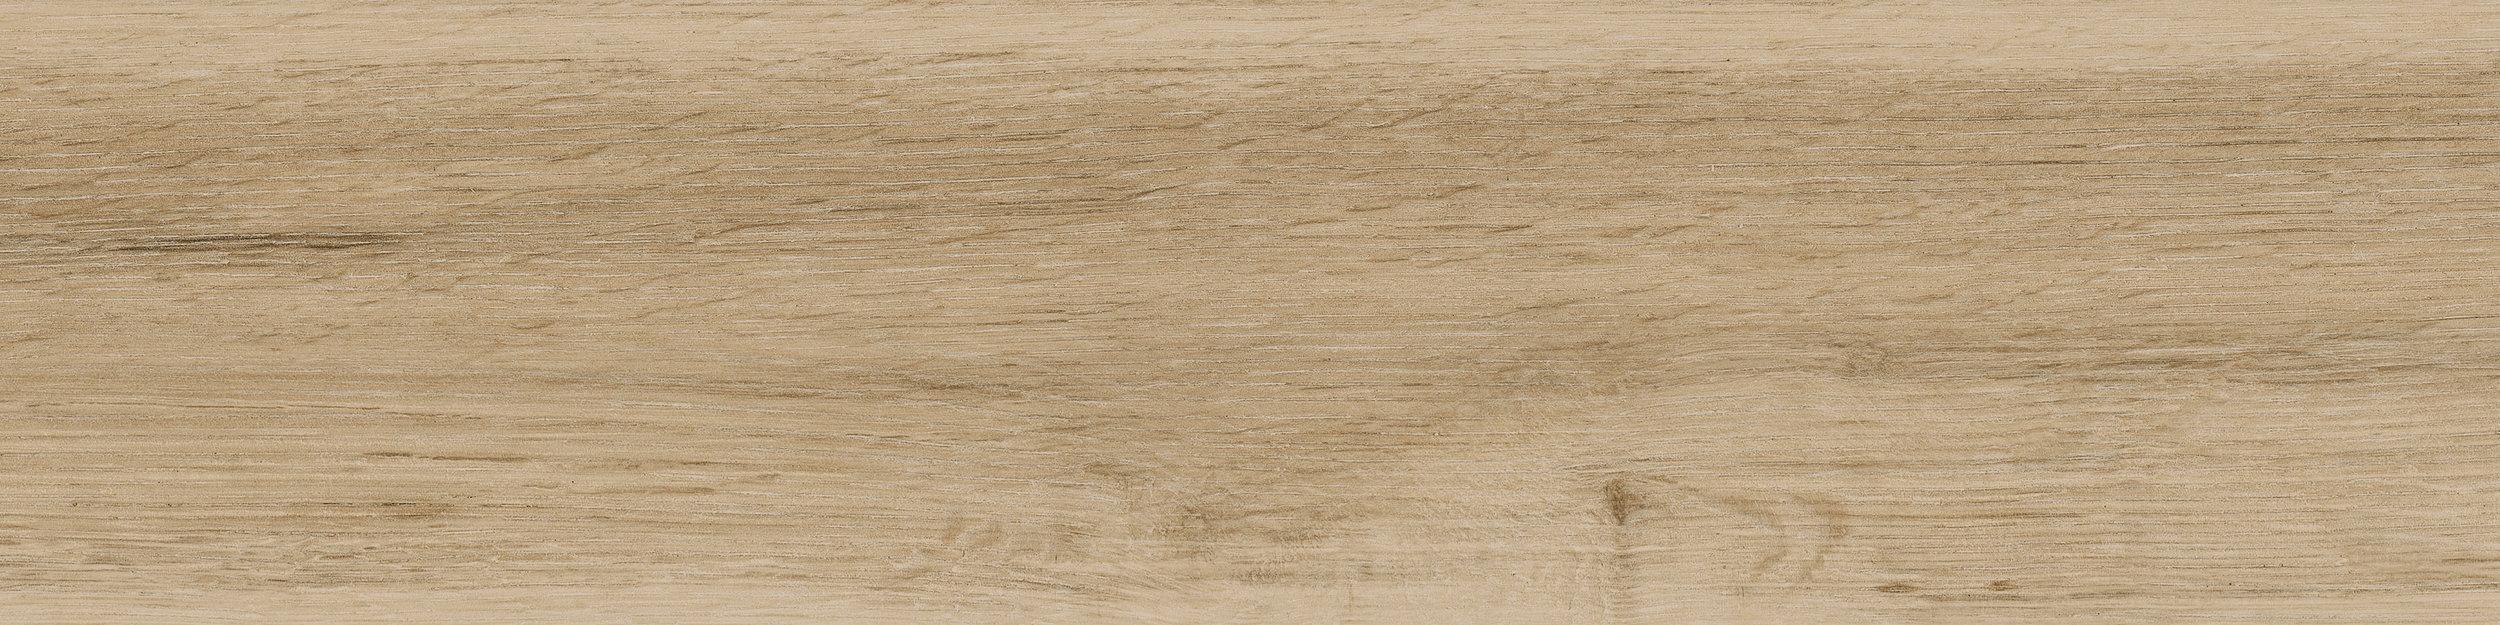 Giza Roble 22.5x90 cm